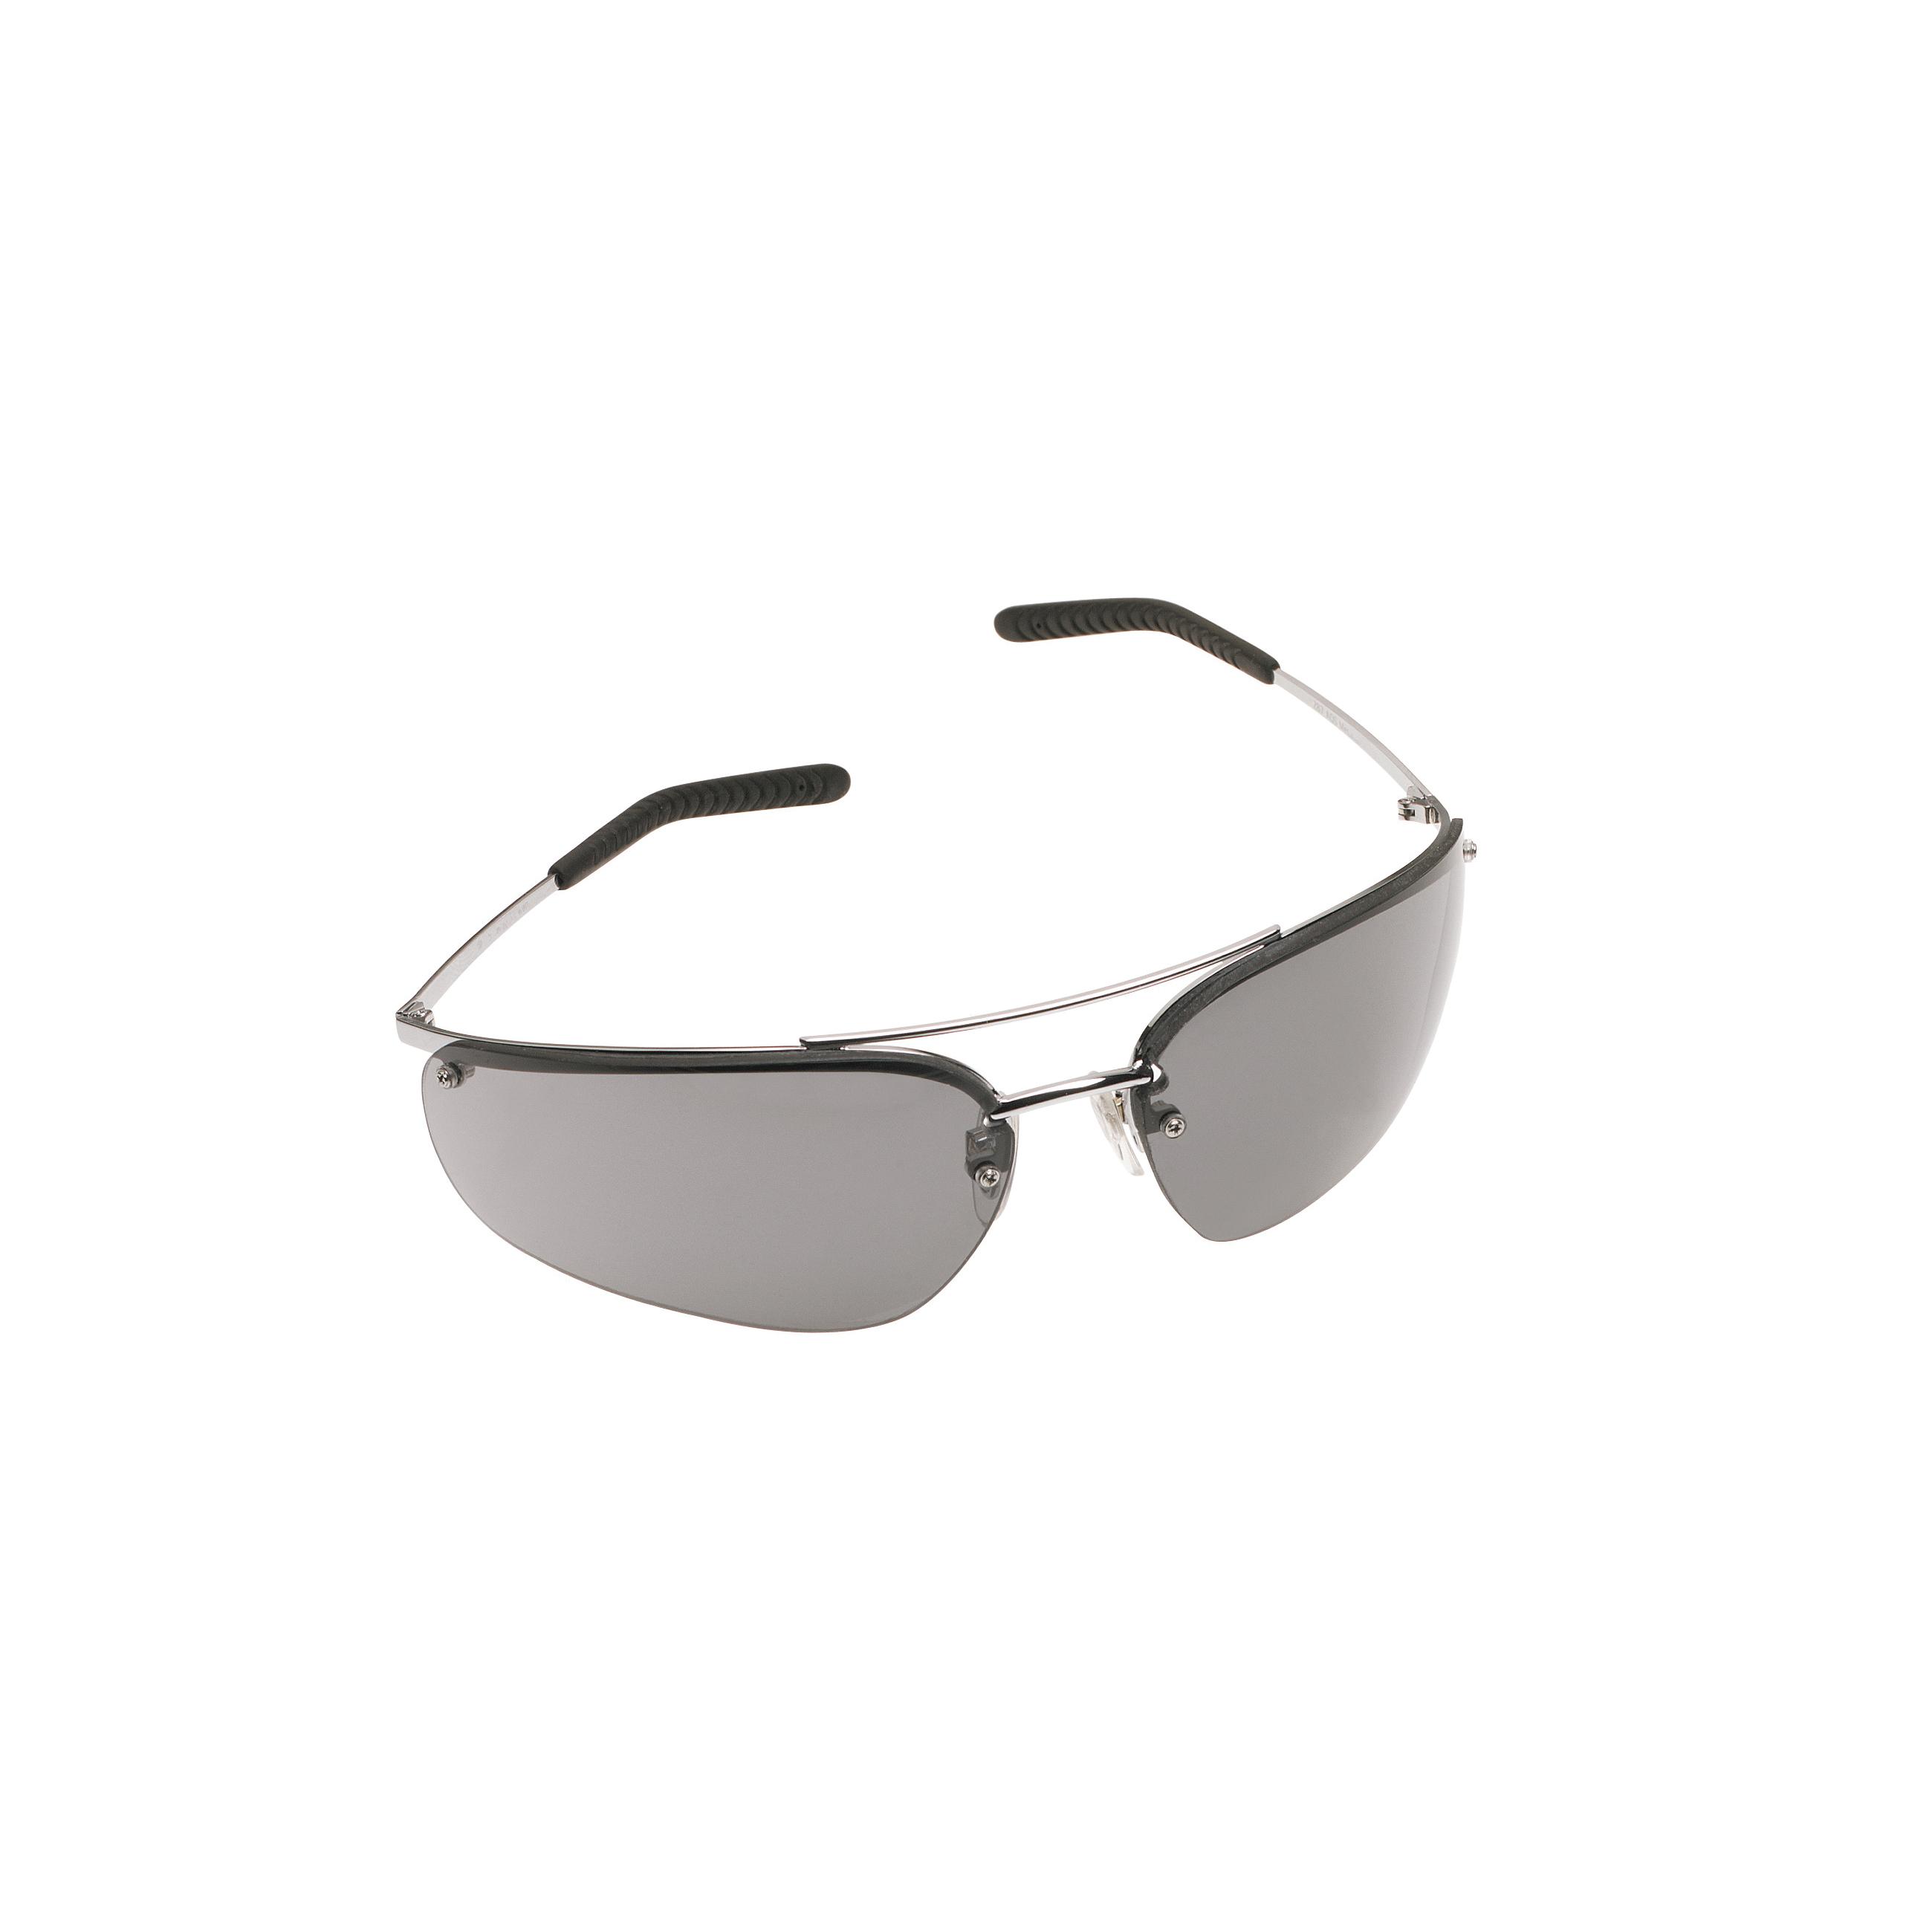 3M™ Metaliks™ 078371-62381 15171-10000-20 Value Range Protective Glasses, Anti-Fog Gray Lens, Half Framed Polished Metal Metal Frame, Polycarbonate Lens, Specifications Met: ANSI Z87.1, CSA Z94.3